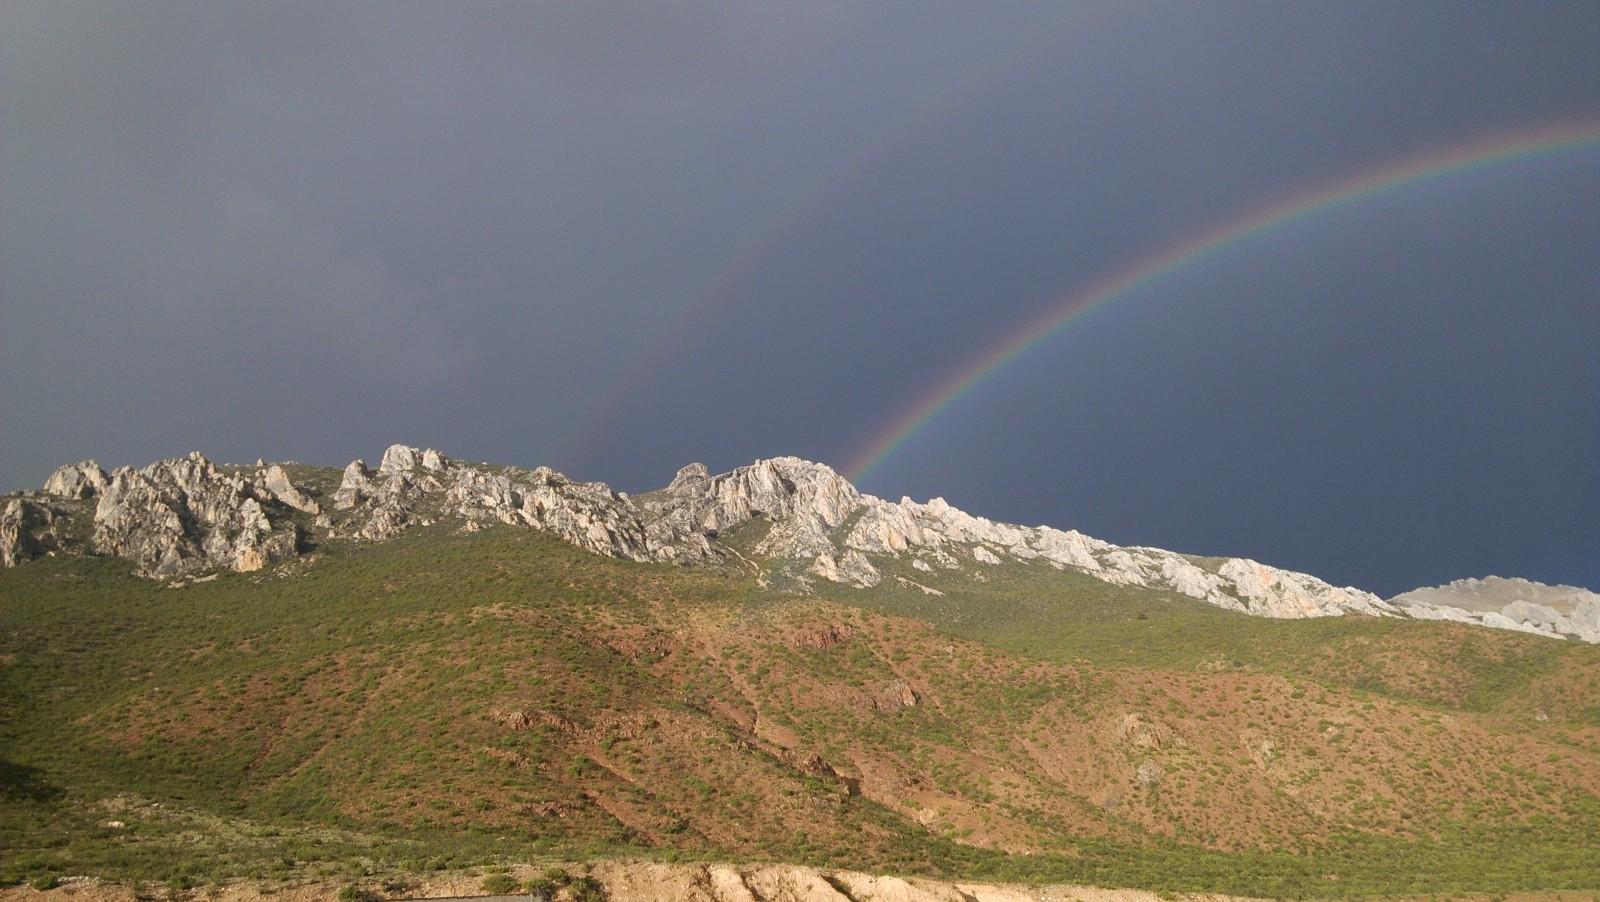 彩虹直通向了对面的石山